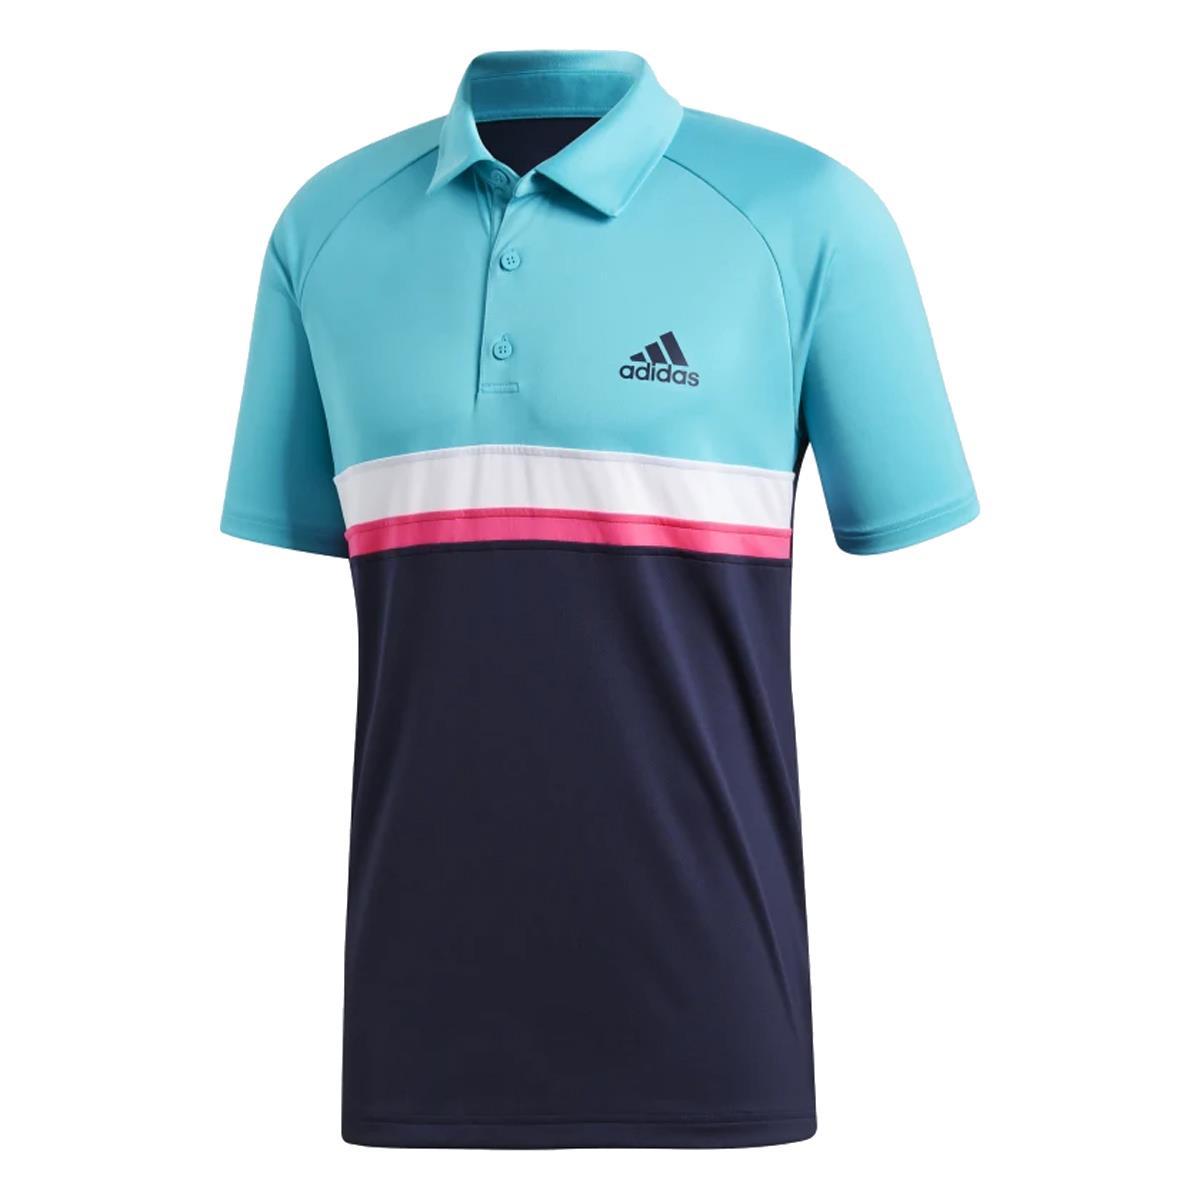 feb71c3f6 Camisa Polo Adidas Colorblock Club Masculina